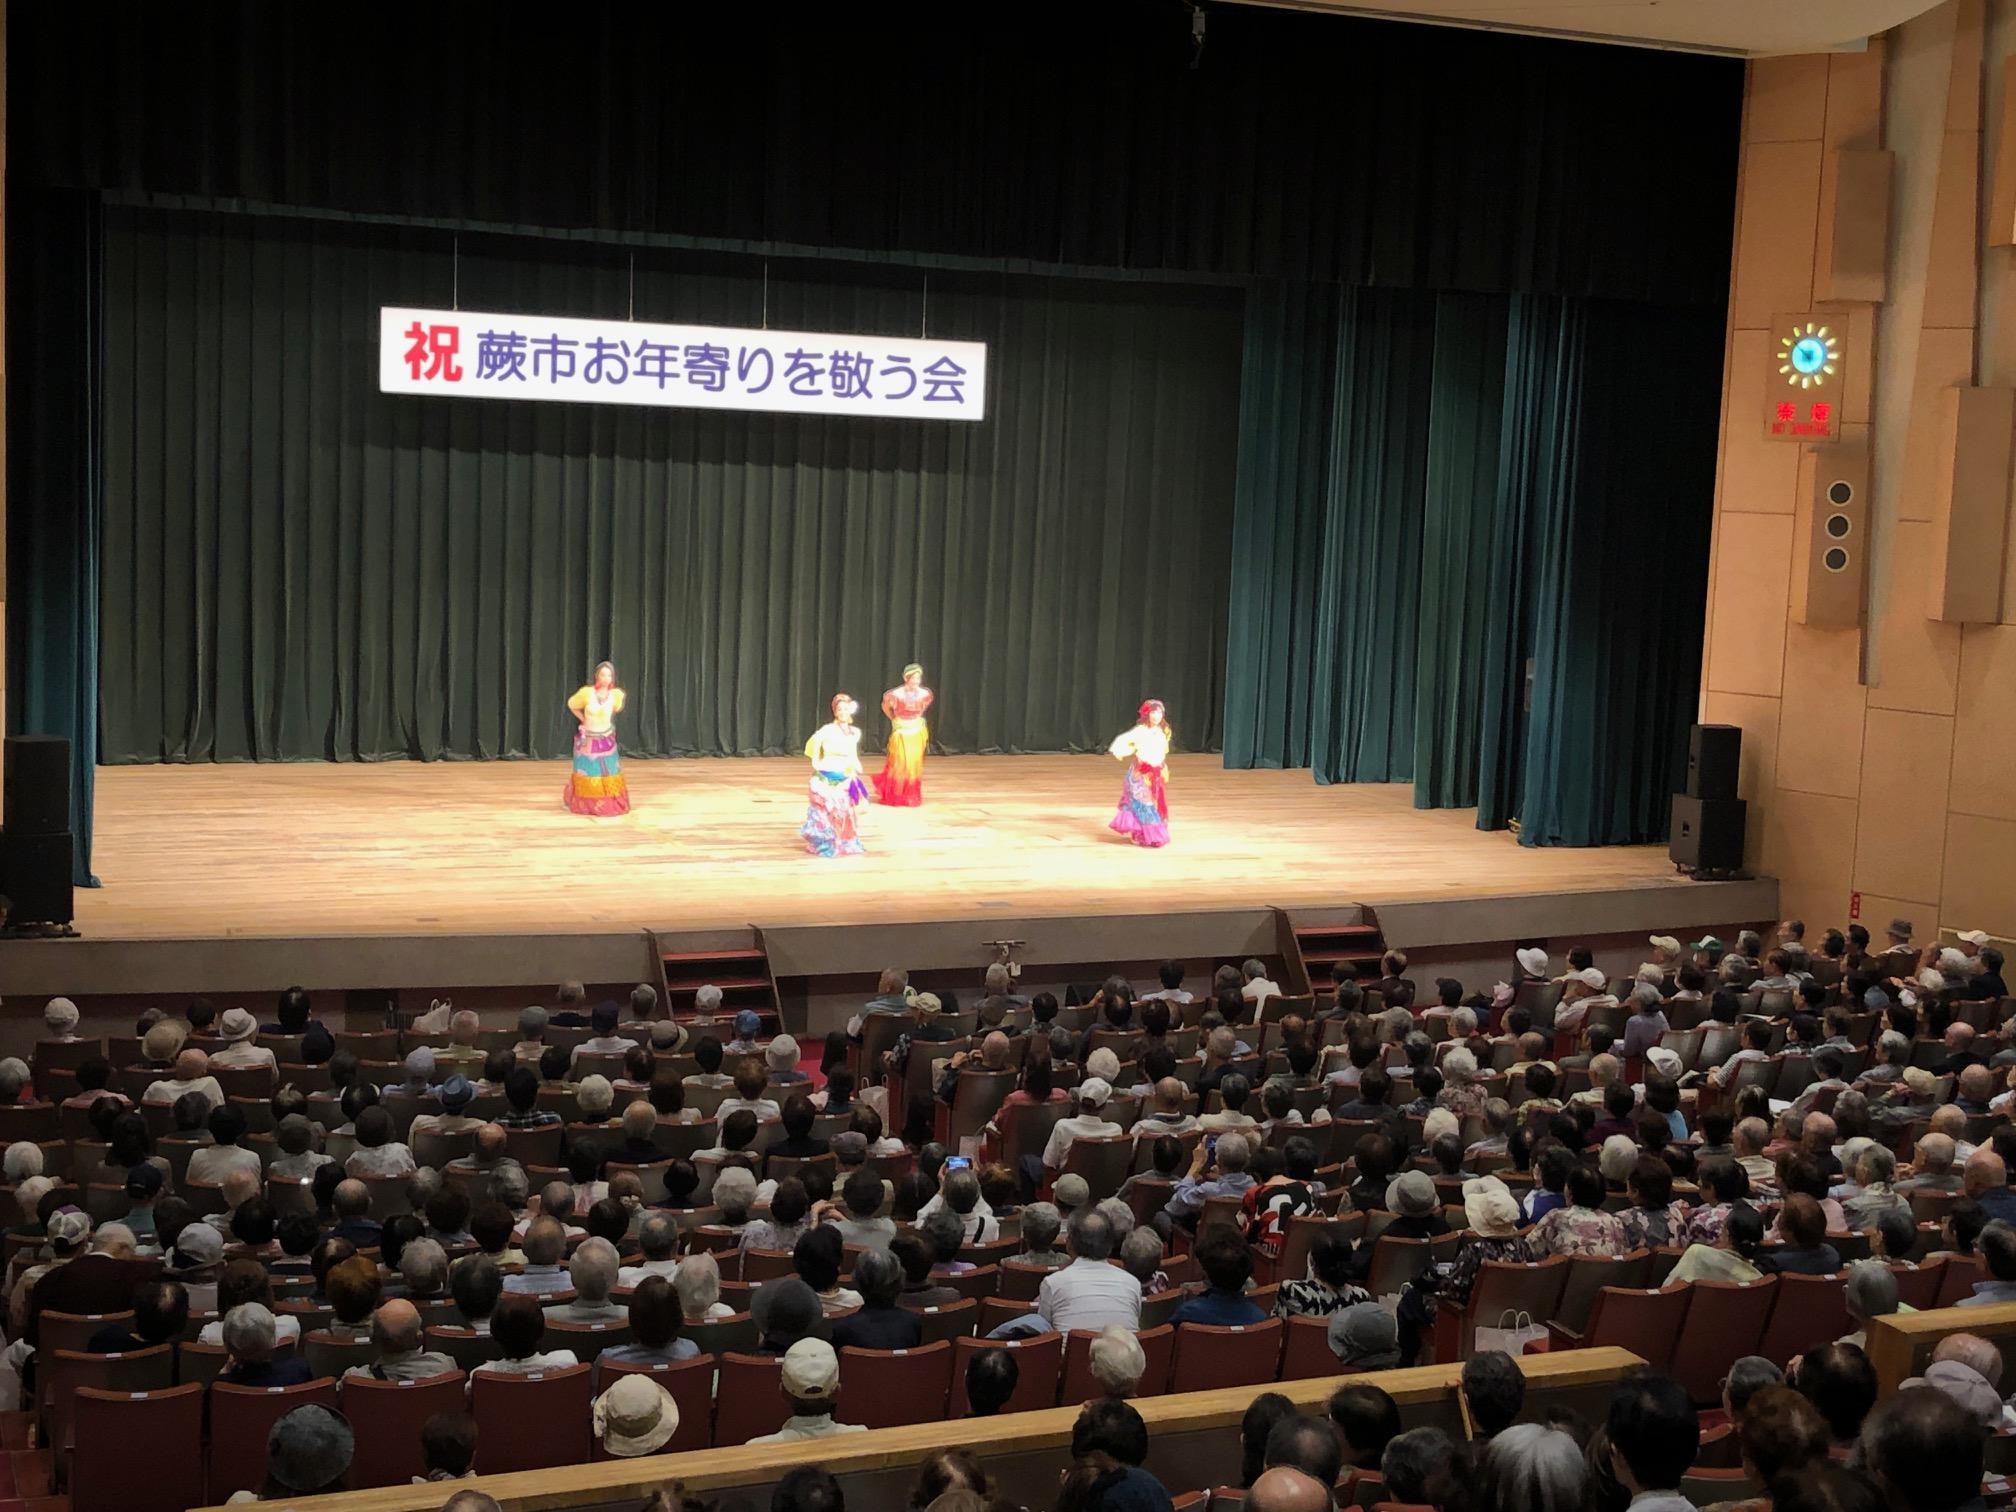 ↑演芸の部で楽しむ会場いっぱいの参加者